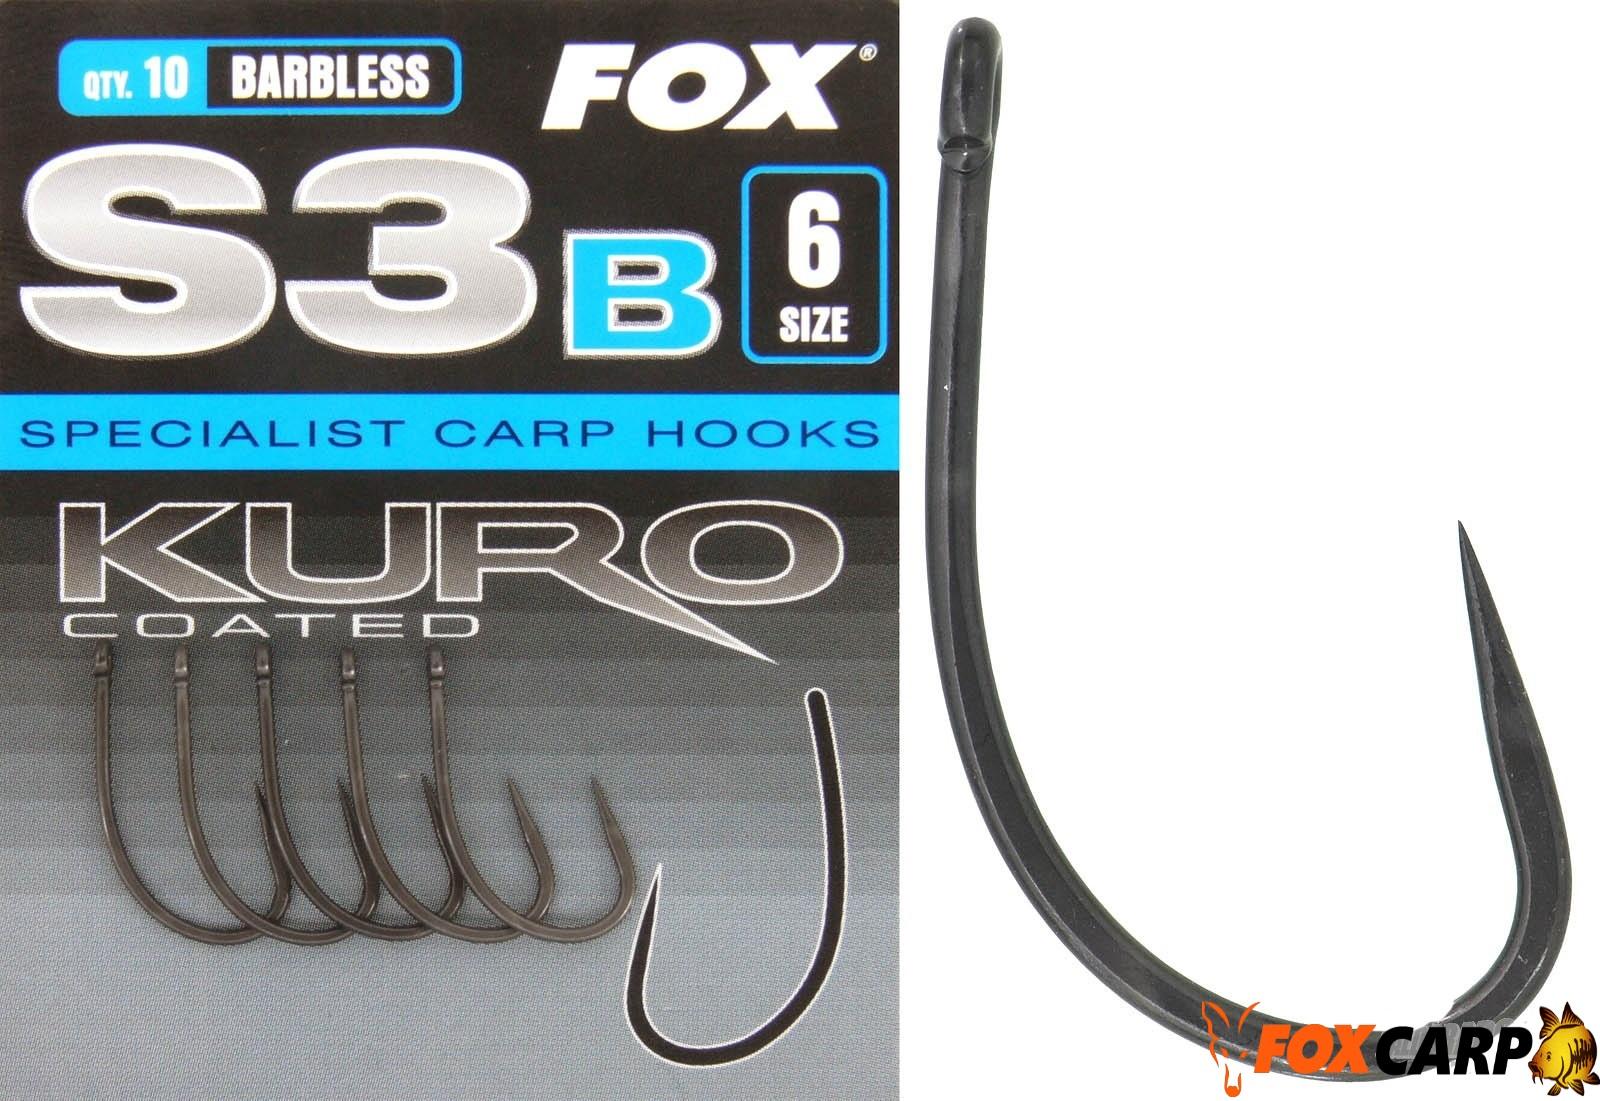 Fox S3 Kuro (крючки без бородки)